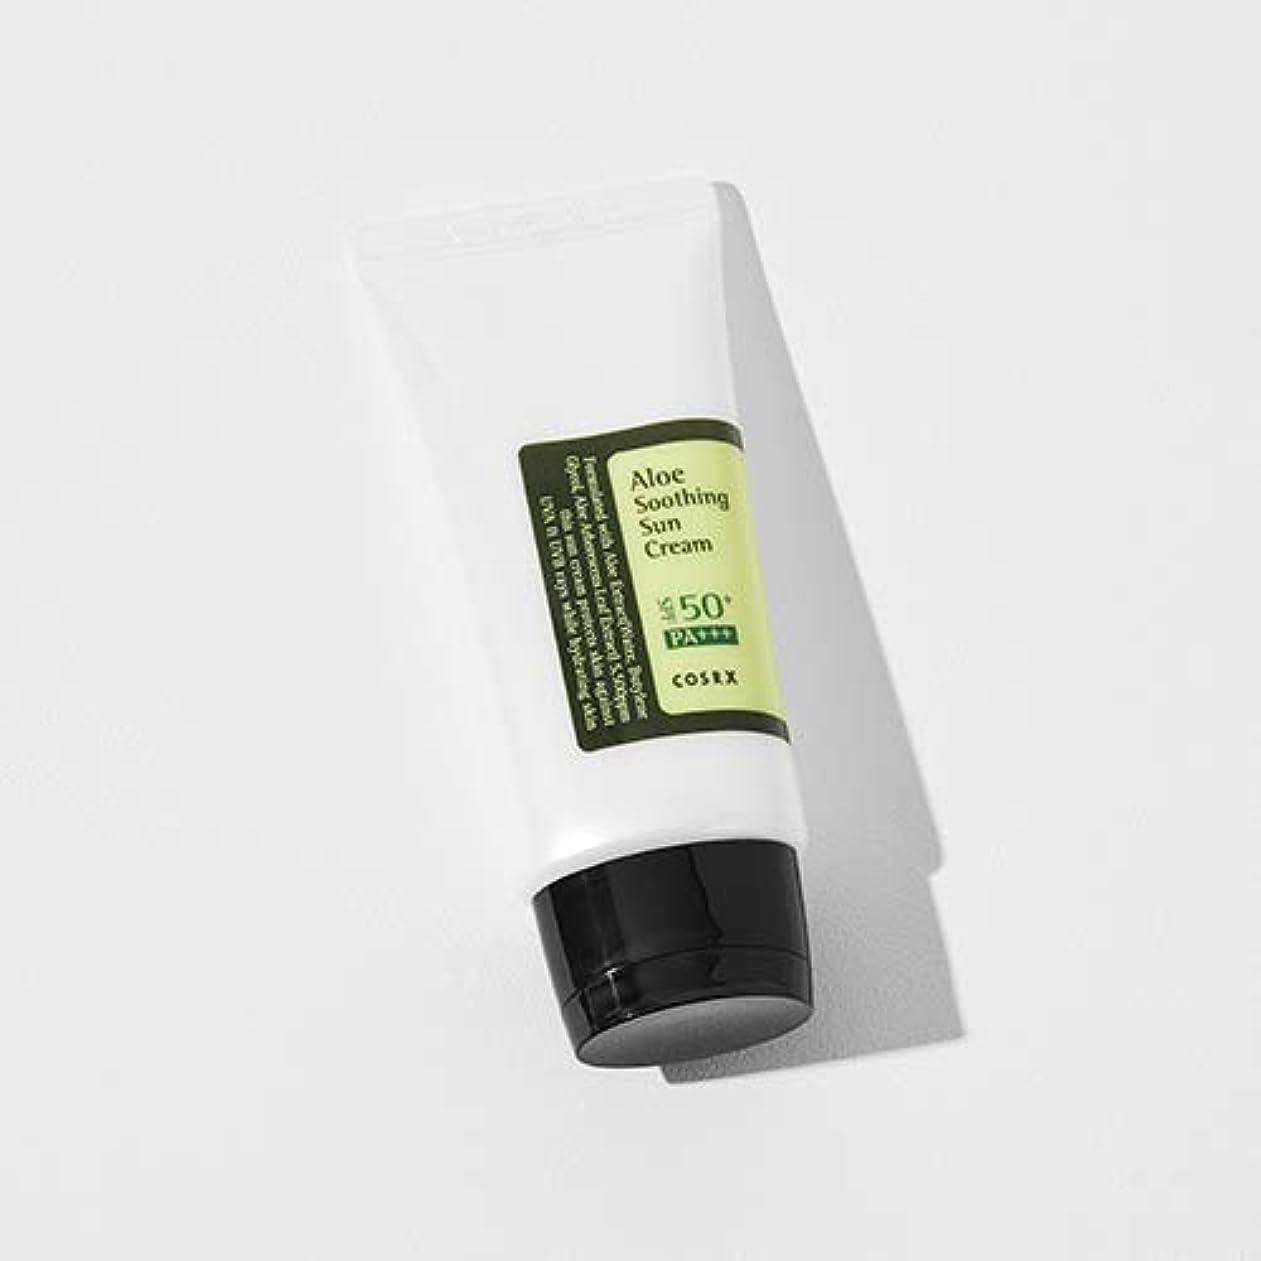 記念碑標高修理可能[COSRX] Aloe Soothing Sun Cream 50ml / [COSRX] アロエ スーディング サンクリーム 50ml [並行輸入品]